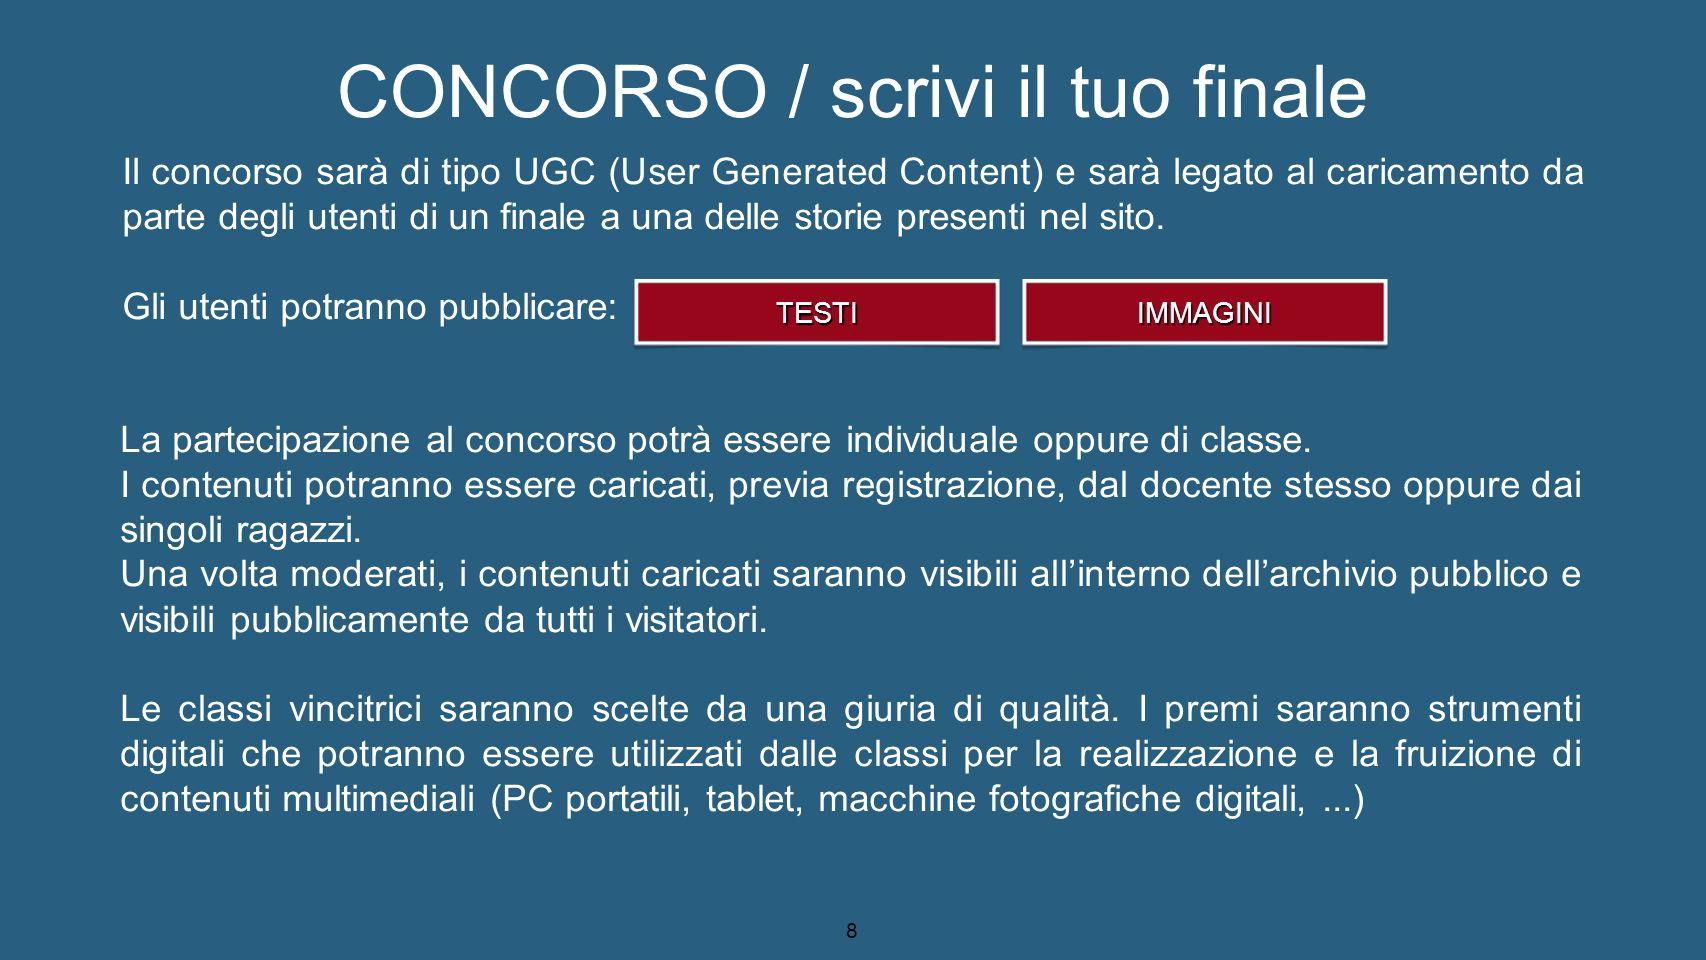 9 CONCORSO / votazioni degli utenti Il concorso sarà integrato con un sistema di votazione, liberamente utilizzabile dagli utenti.